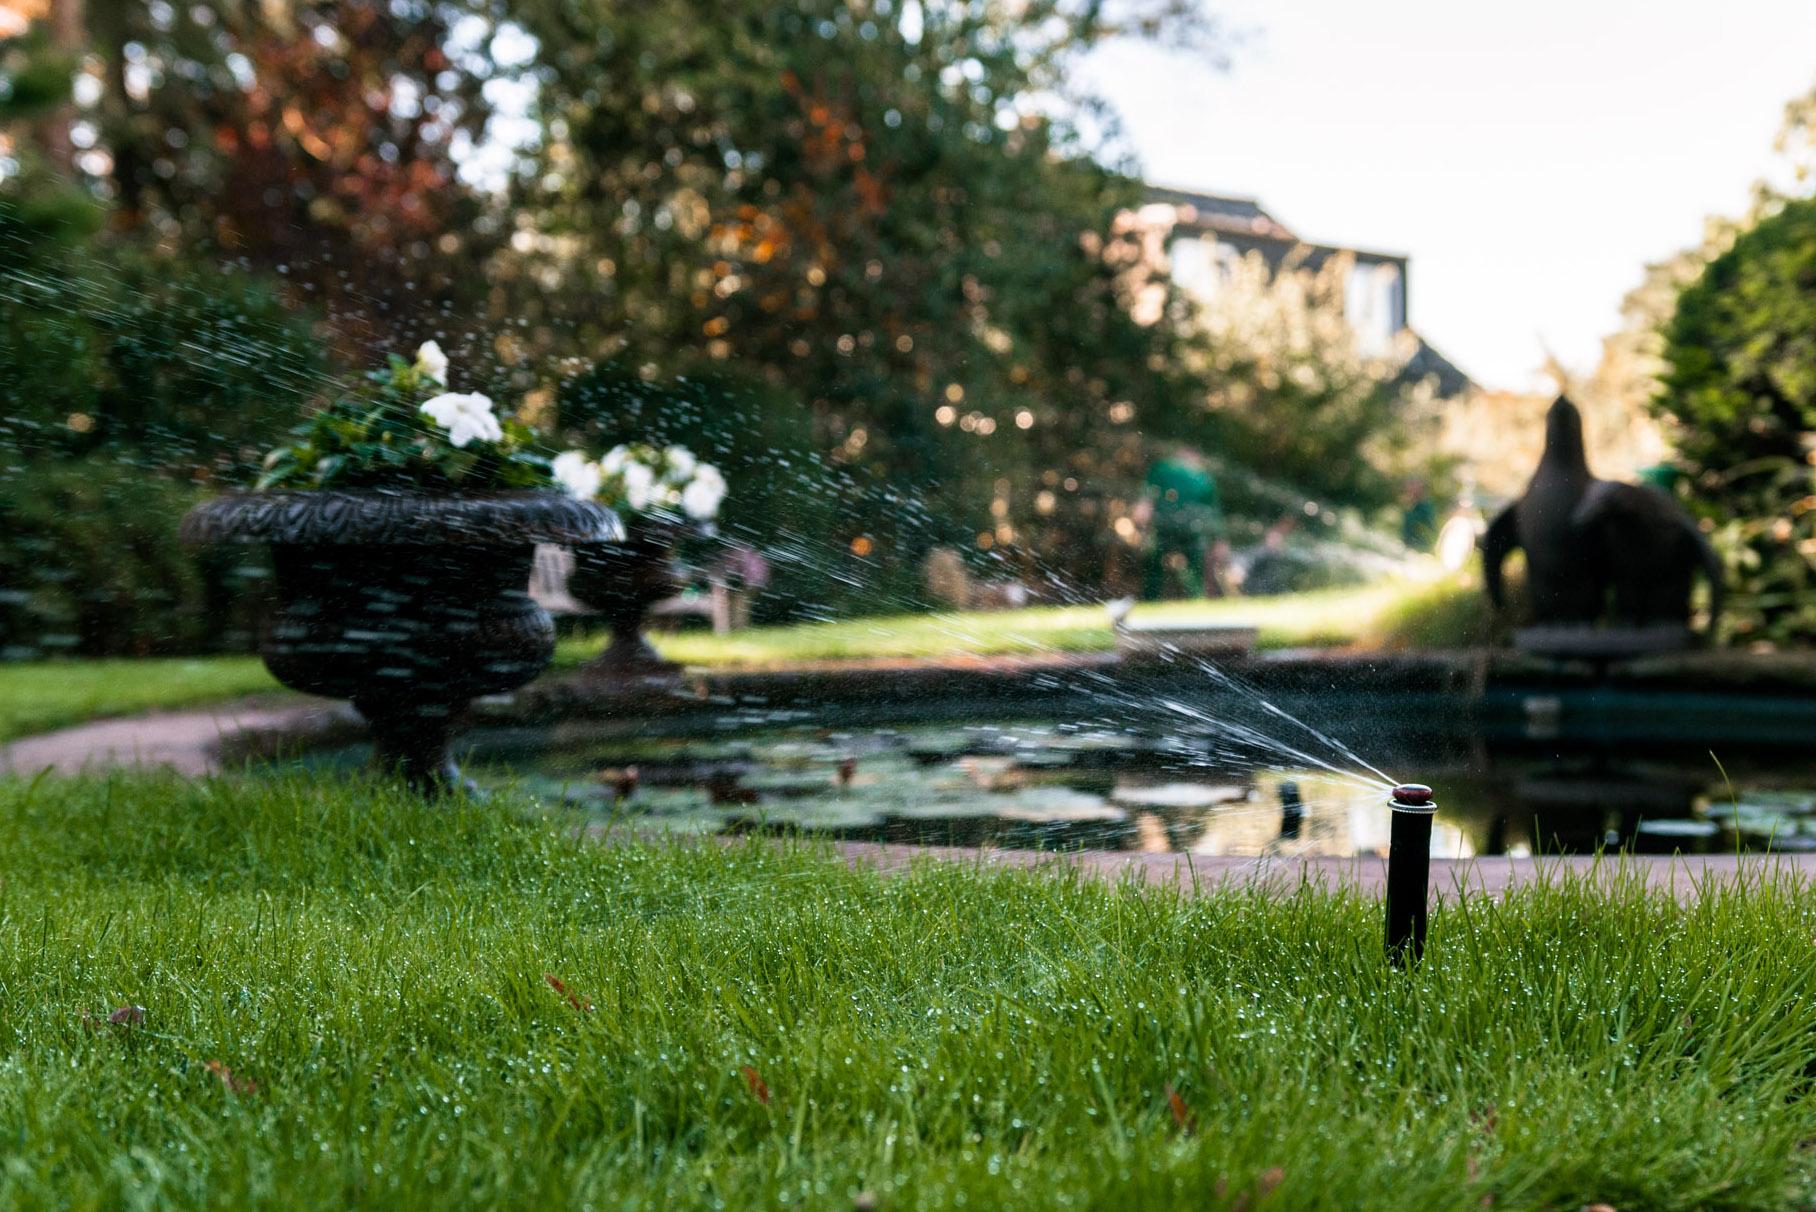 Full Size of Bewässerungssystem Garten Zaun Hängesessel Brunnen Im Schwimmingpool Für Den Relaxliege Kugelleuchten Spielturm Und Landschaftsbau Hamburg Kinderhaus Liege Garten Bewässerungssystem Garten